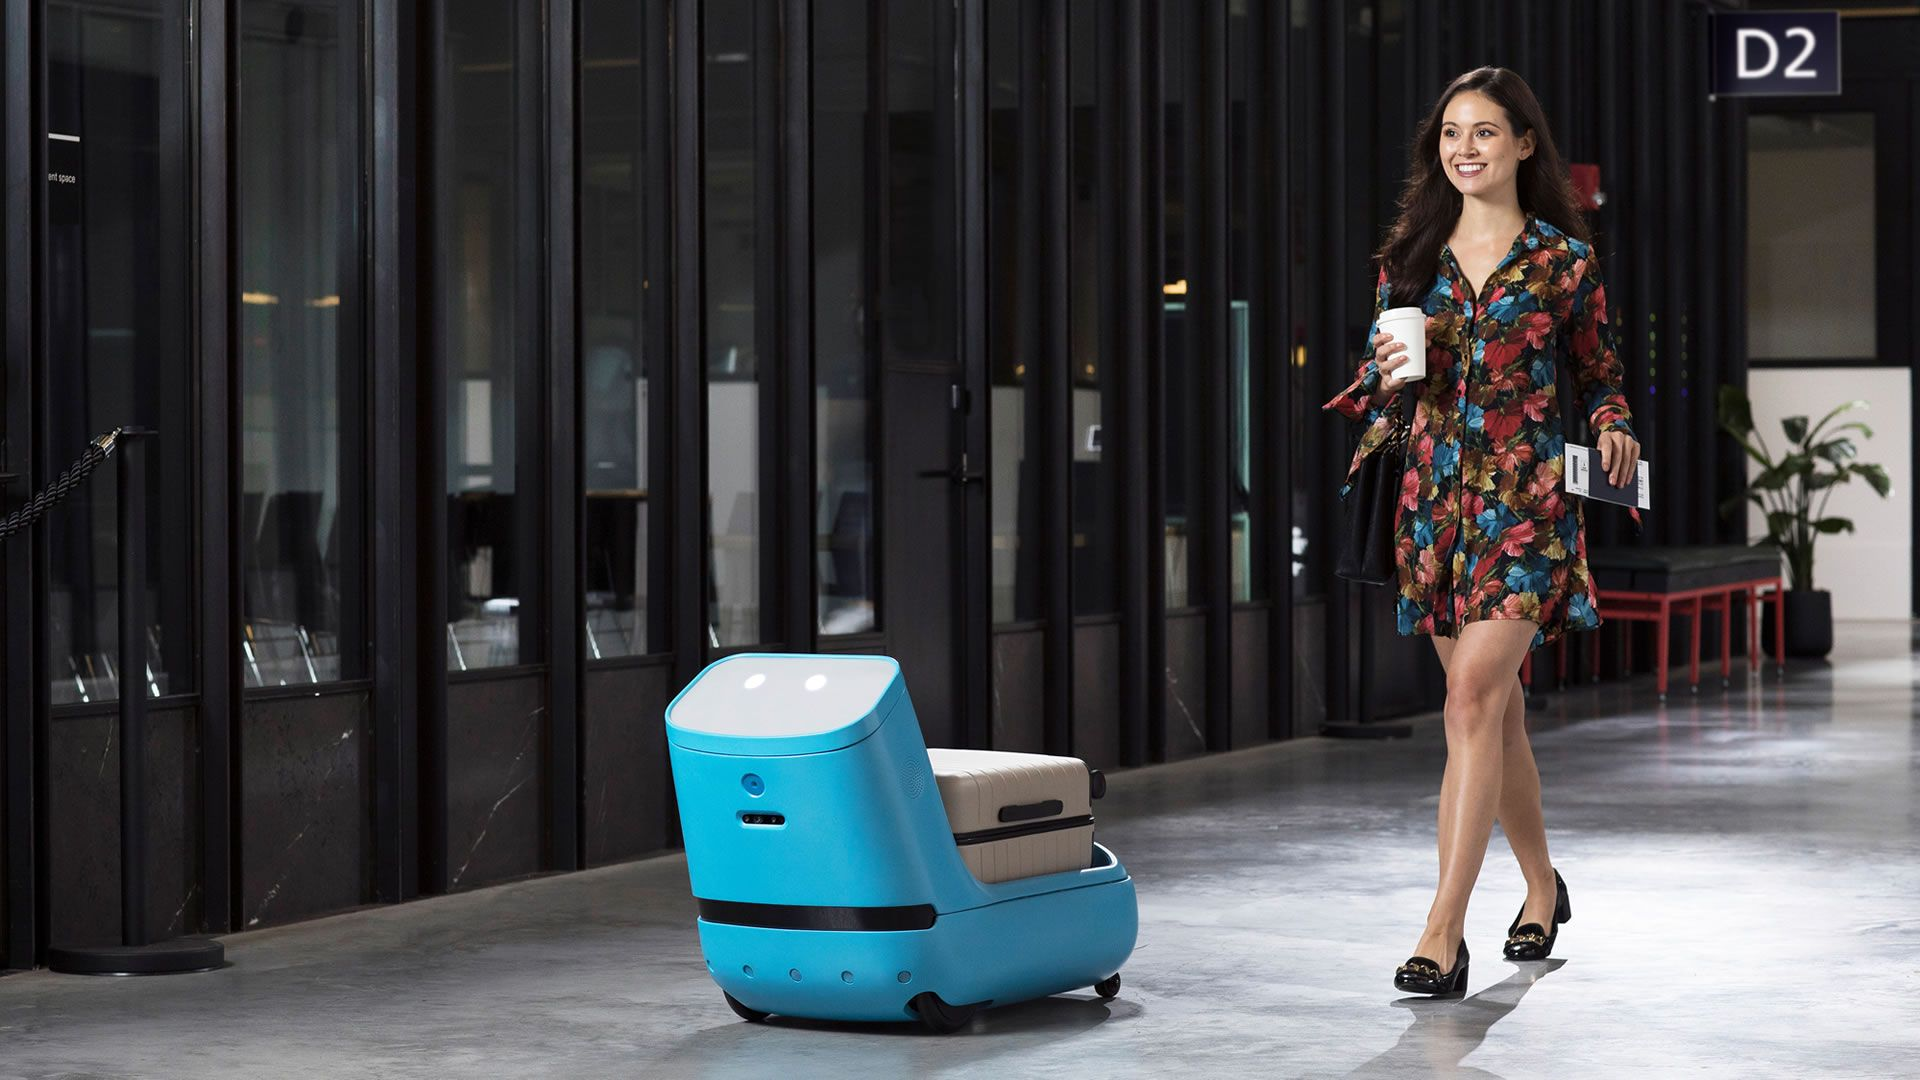 El robot de KLM nos lleva el equipaje a la puerta de embarque: video